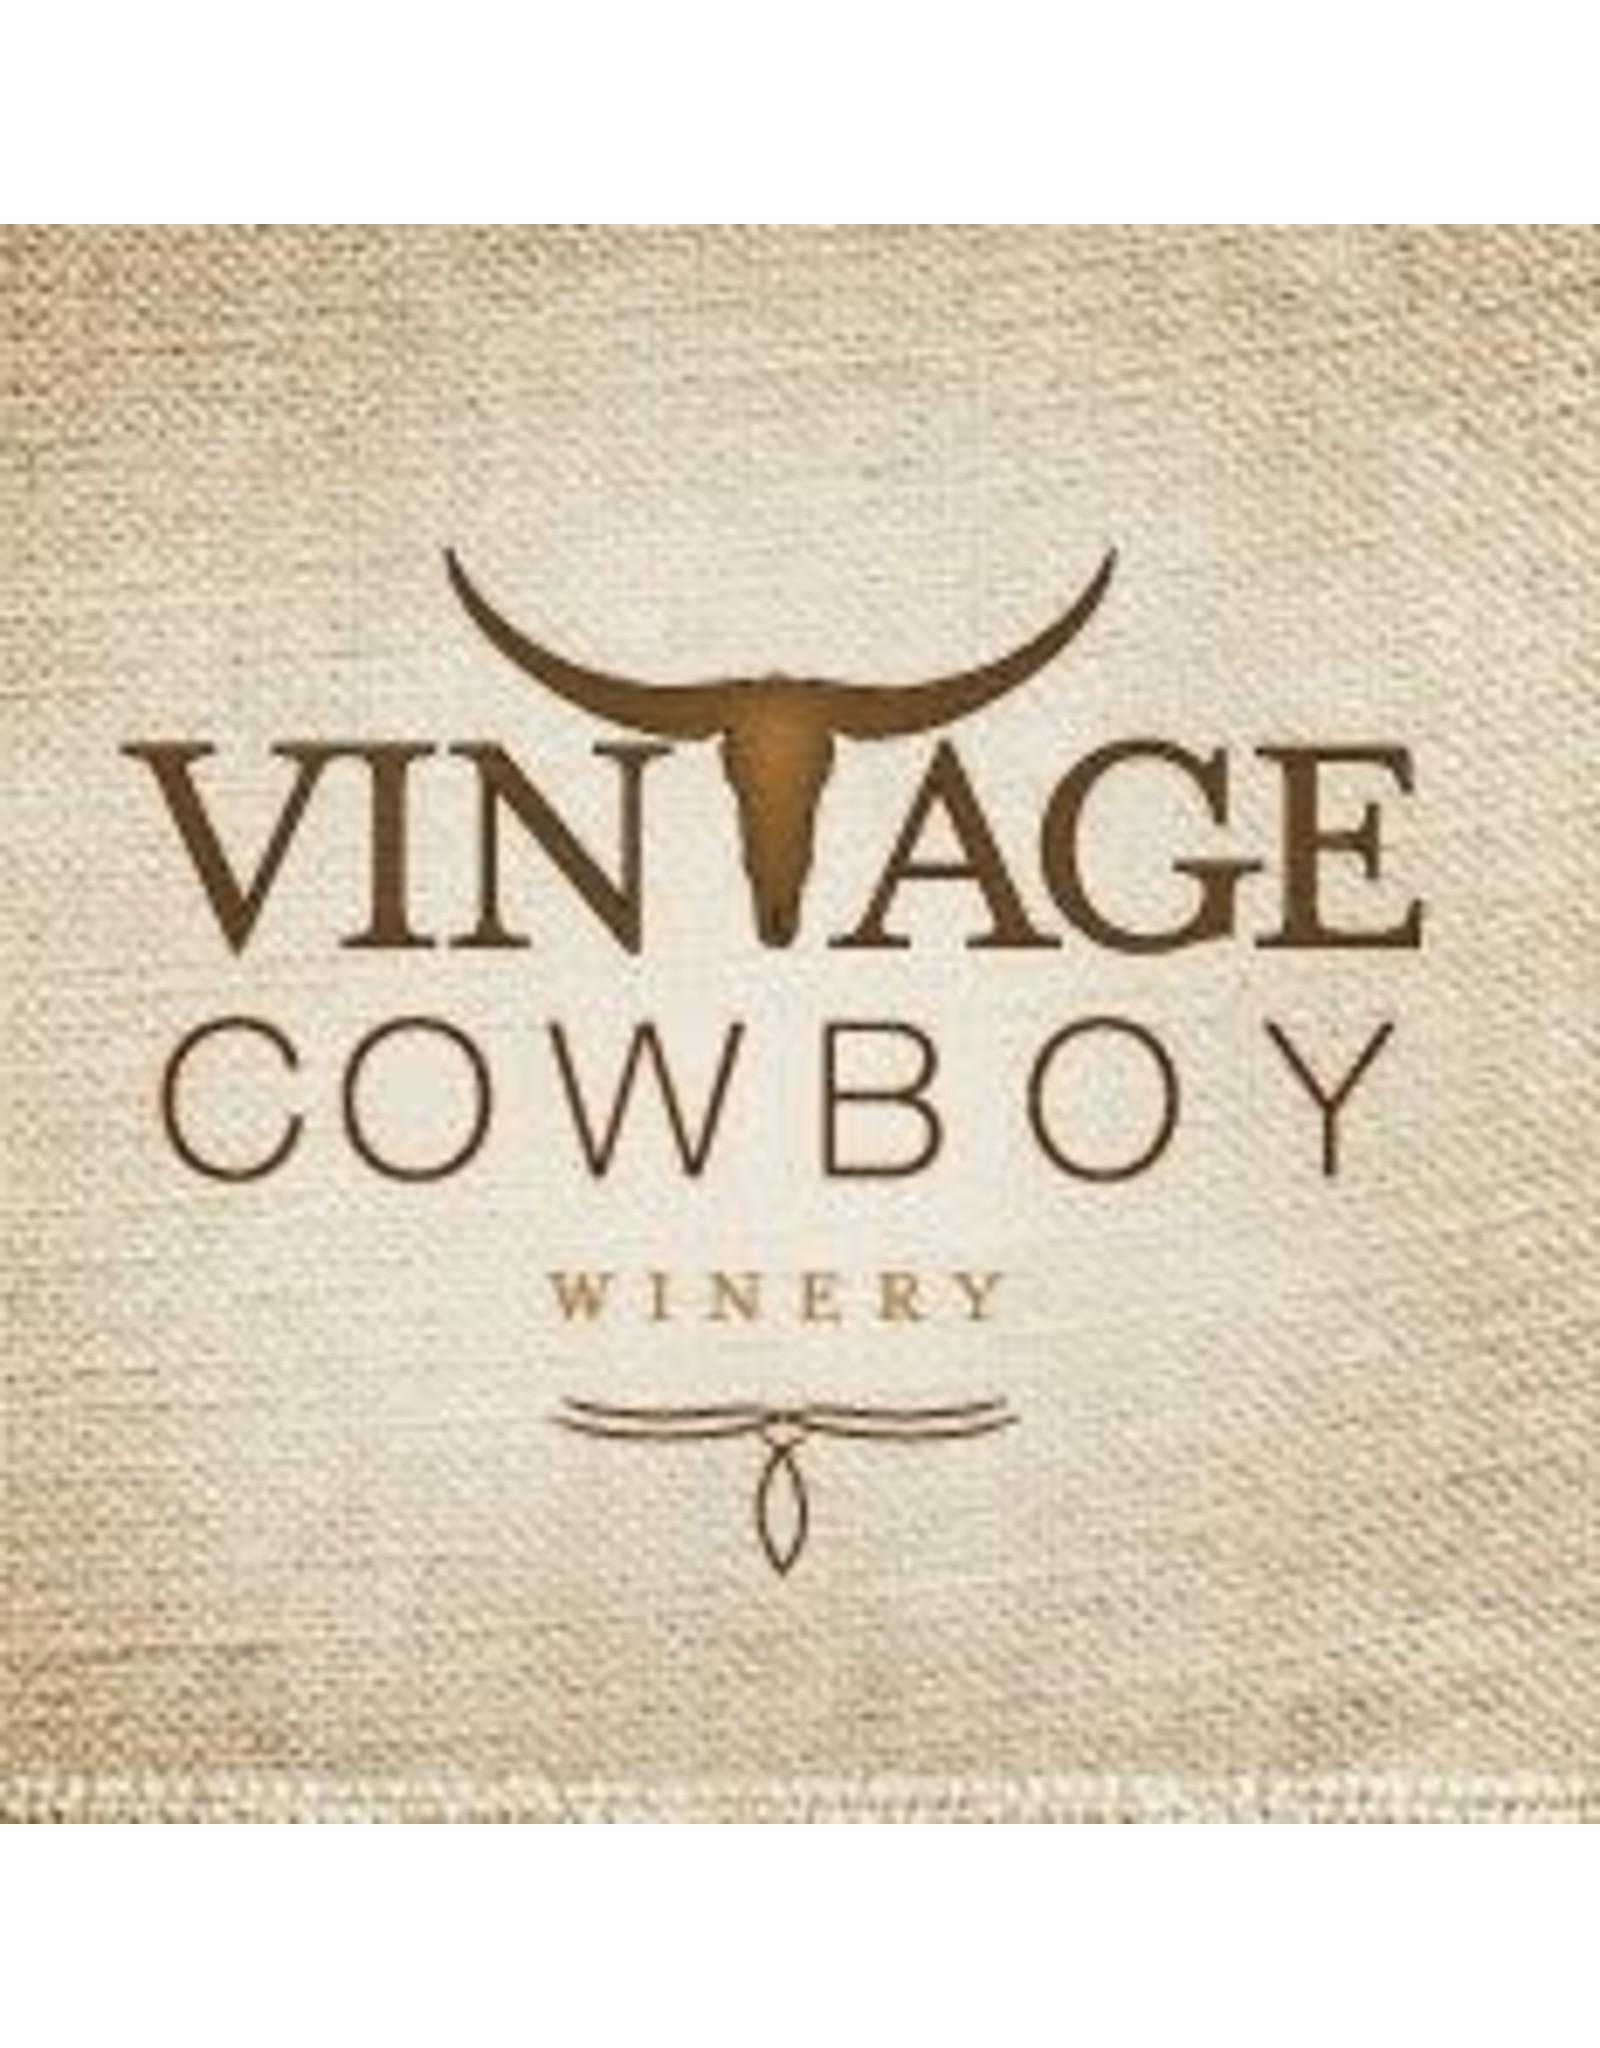 VINTAGE COWBOY ZINFANDEL 2016